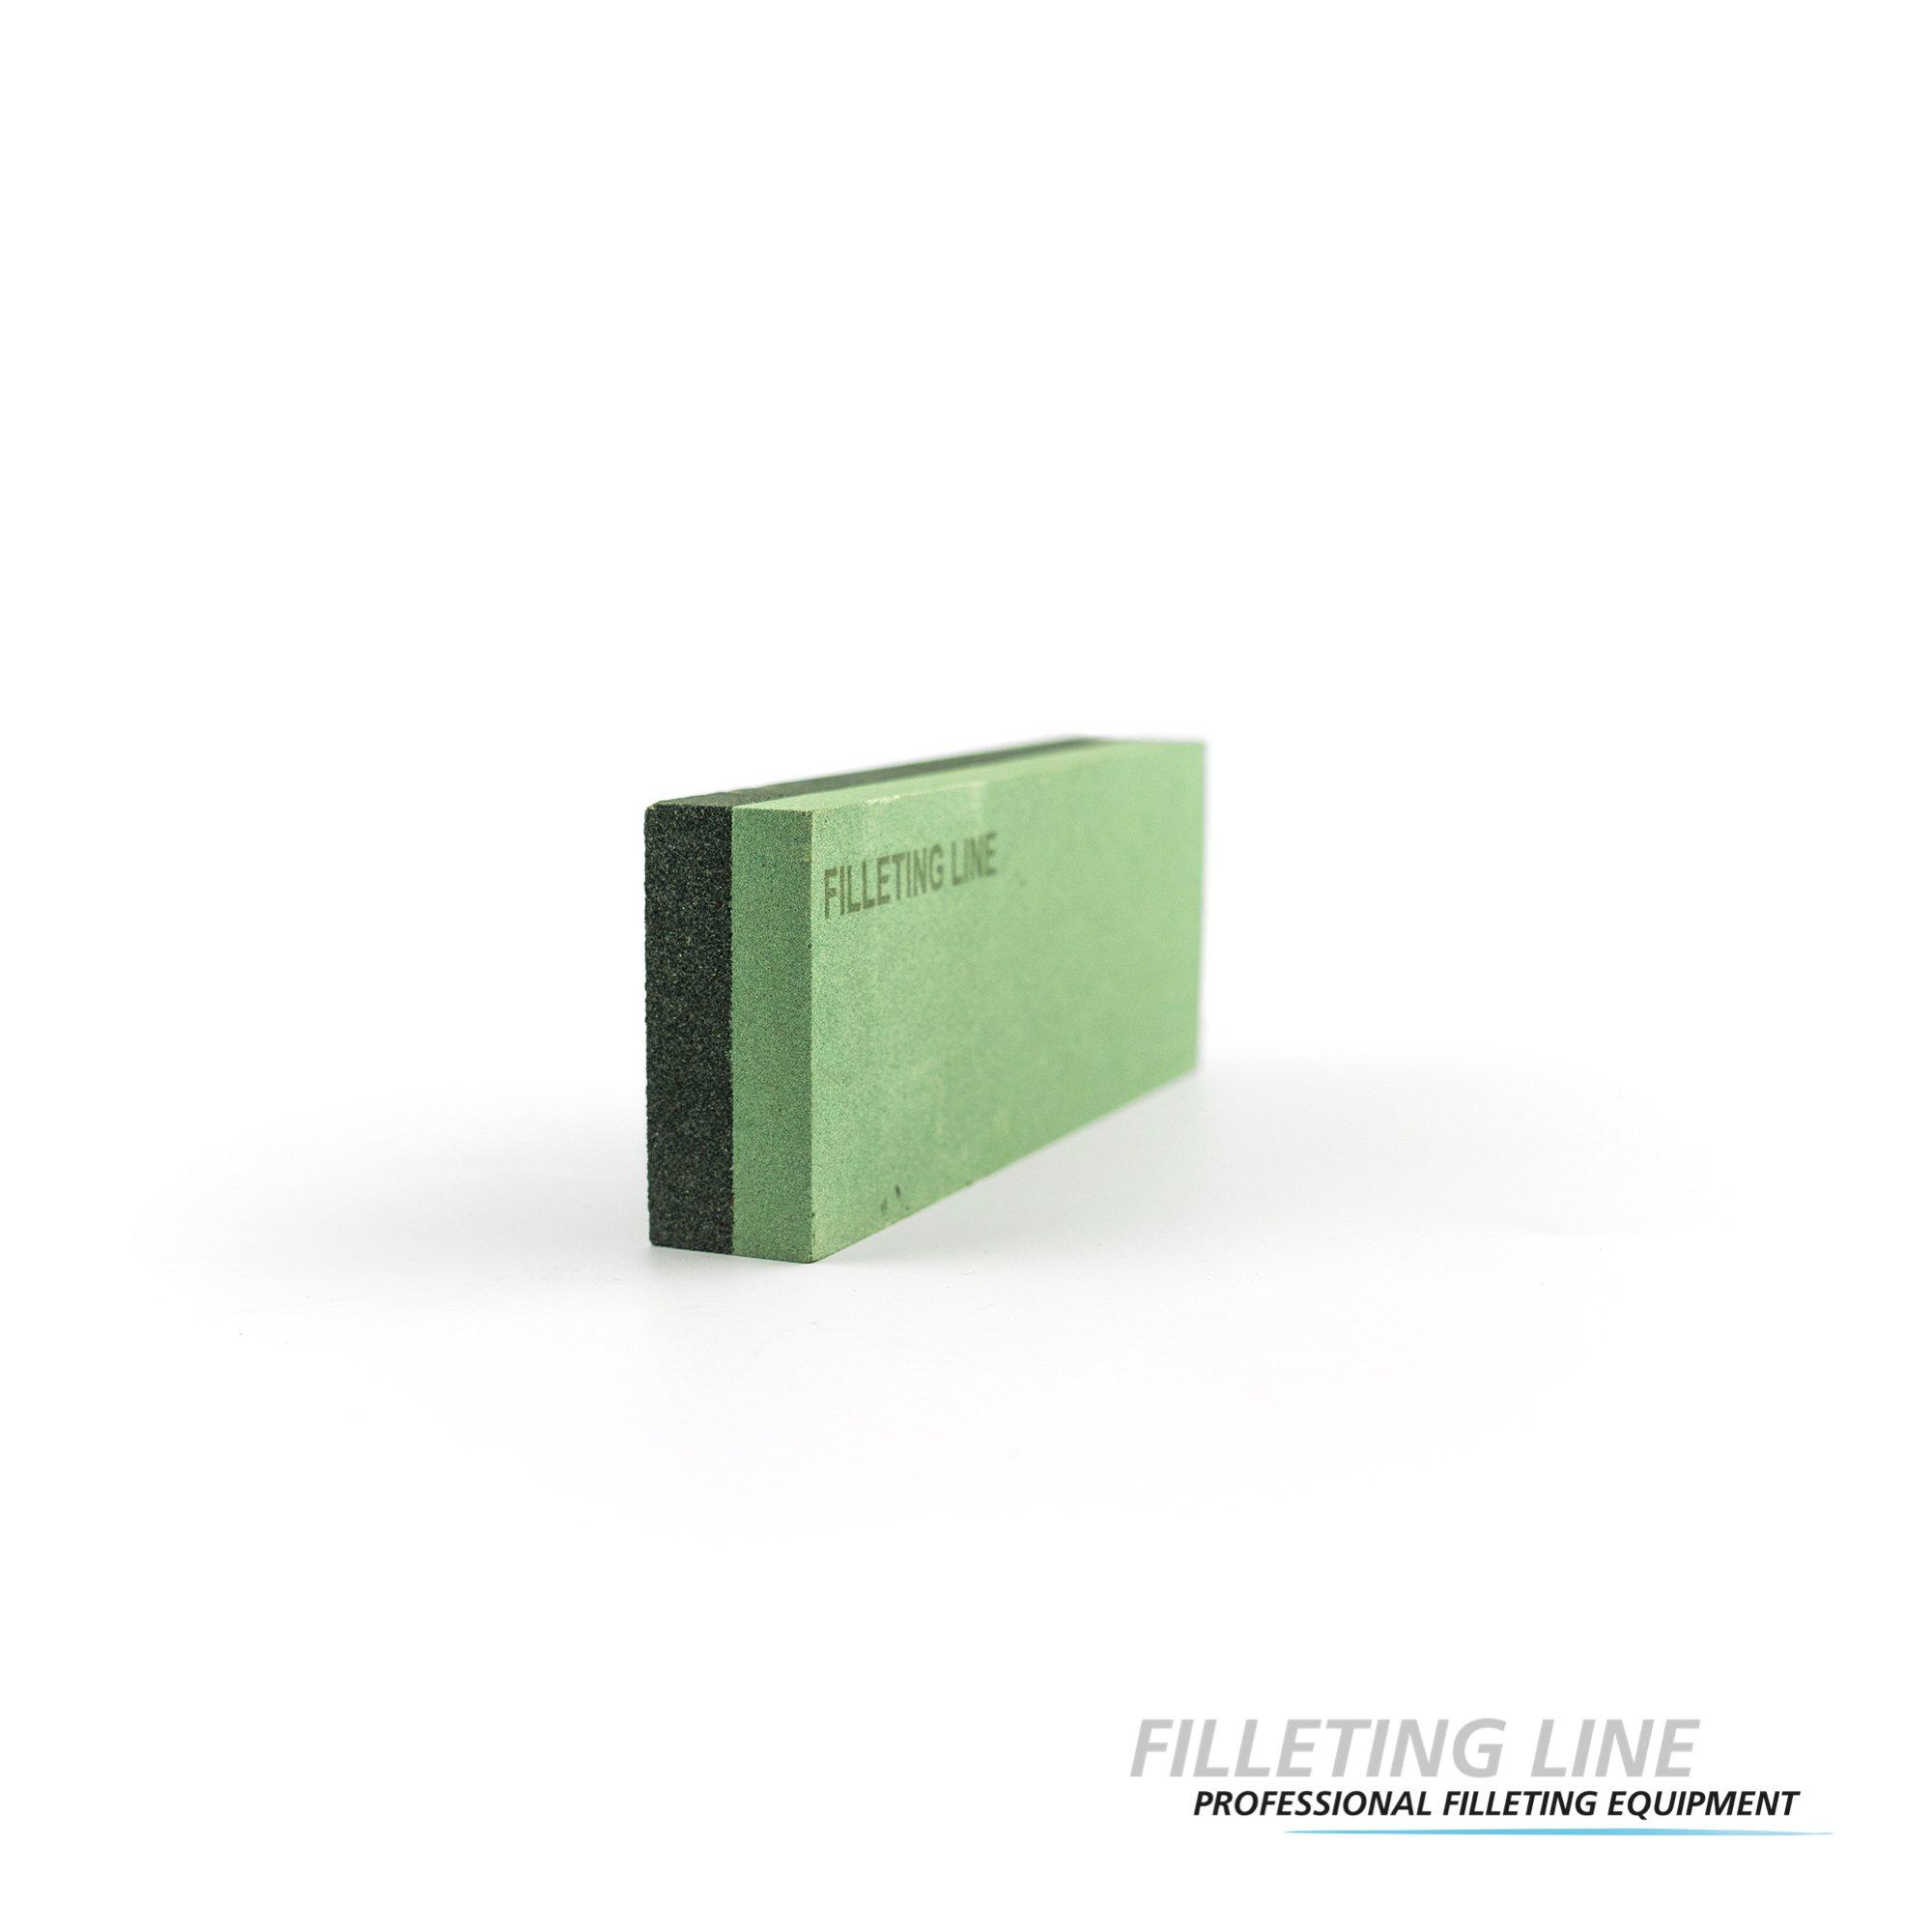 FILLETING LINE_2000x2000_45_logo_-18